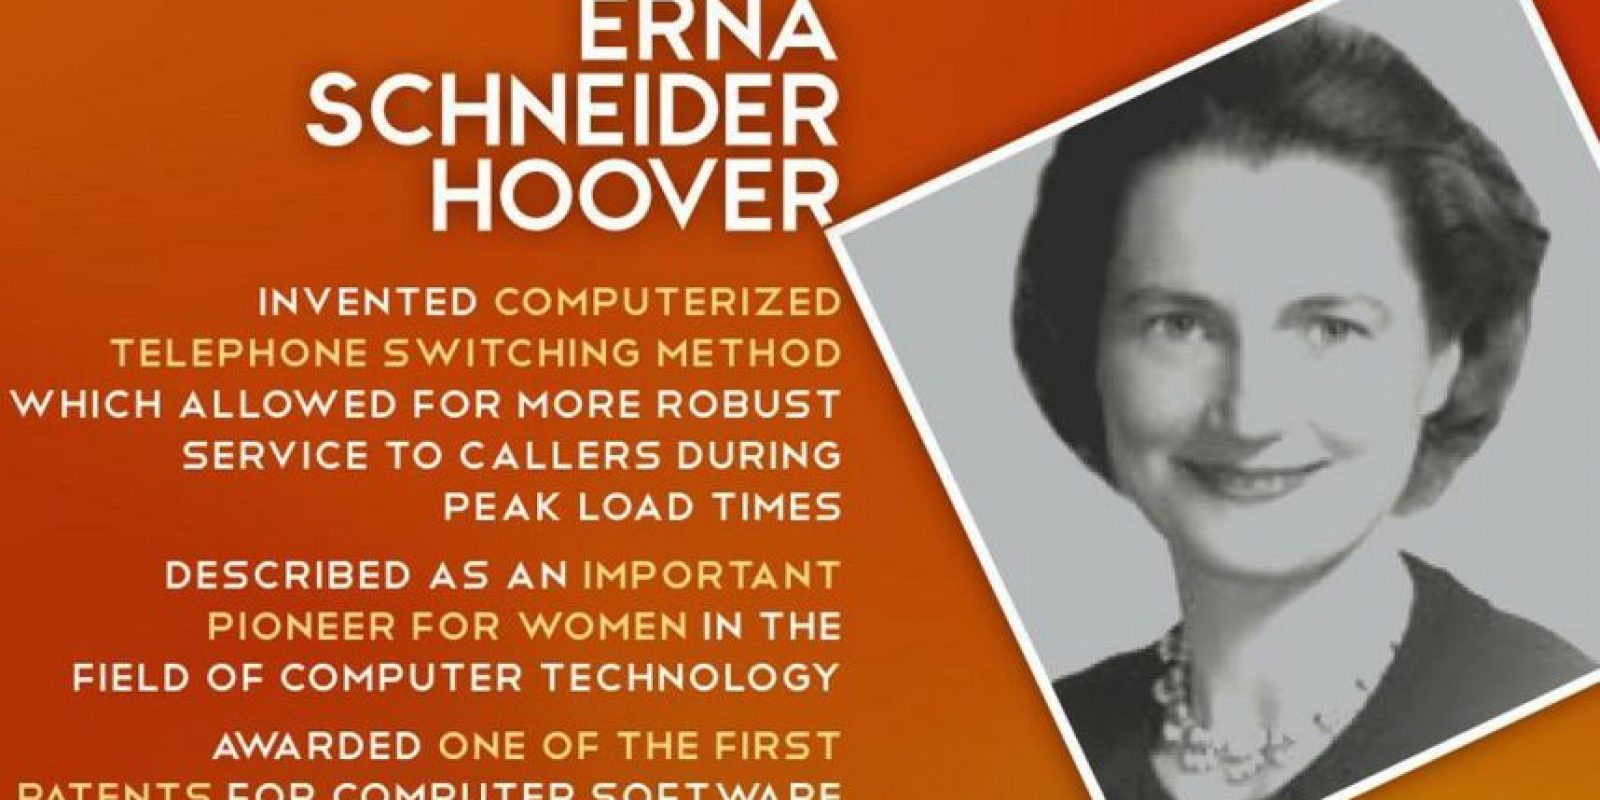 Erna Schneider Hoover. Creó un sistema automatizado de conmutación telefónica, en la que una computadora gestionaba las llamadas entrantes y las ajustaba automáticamente la aceptación de la llamada, evitando así la sobrecarga. Esto derivó significativo avance en las telecomunicaciones, el diseño de Erna aún es usado en la actualidad. Foto:Twitter